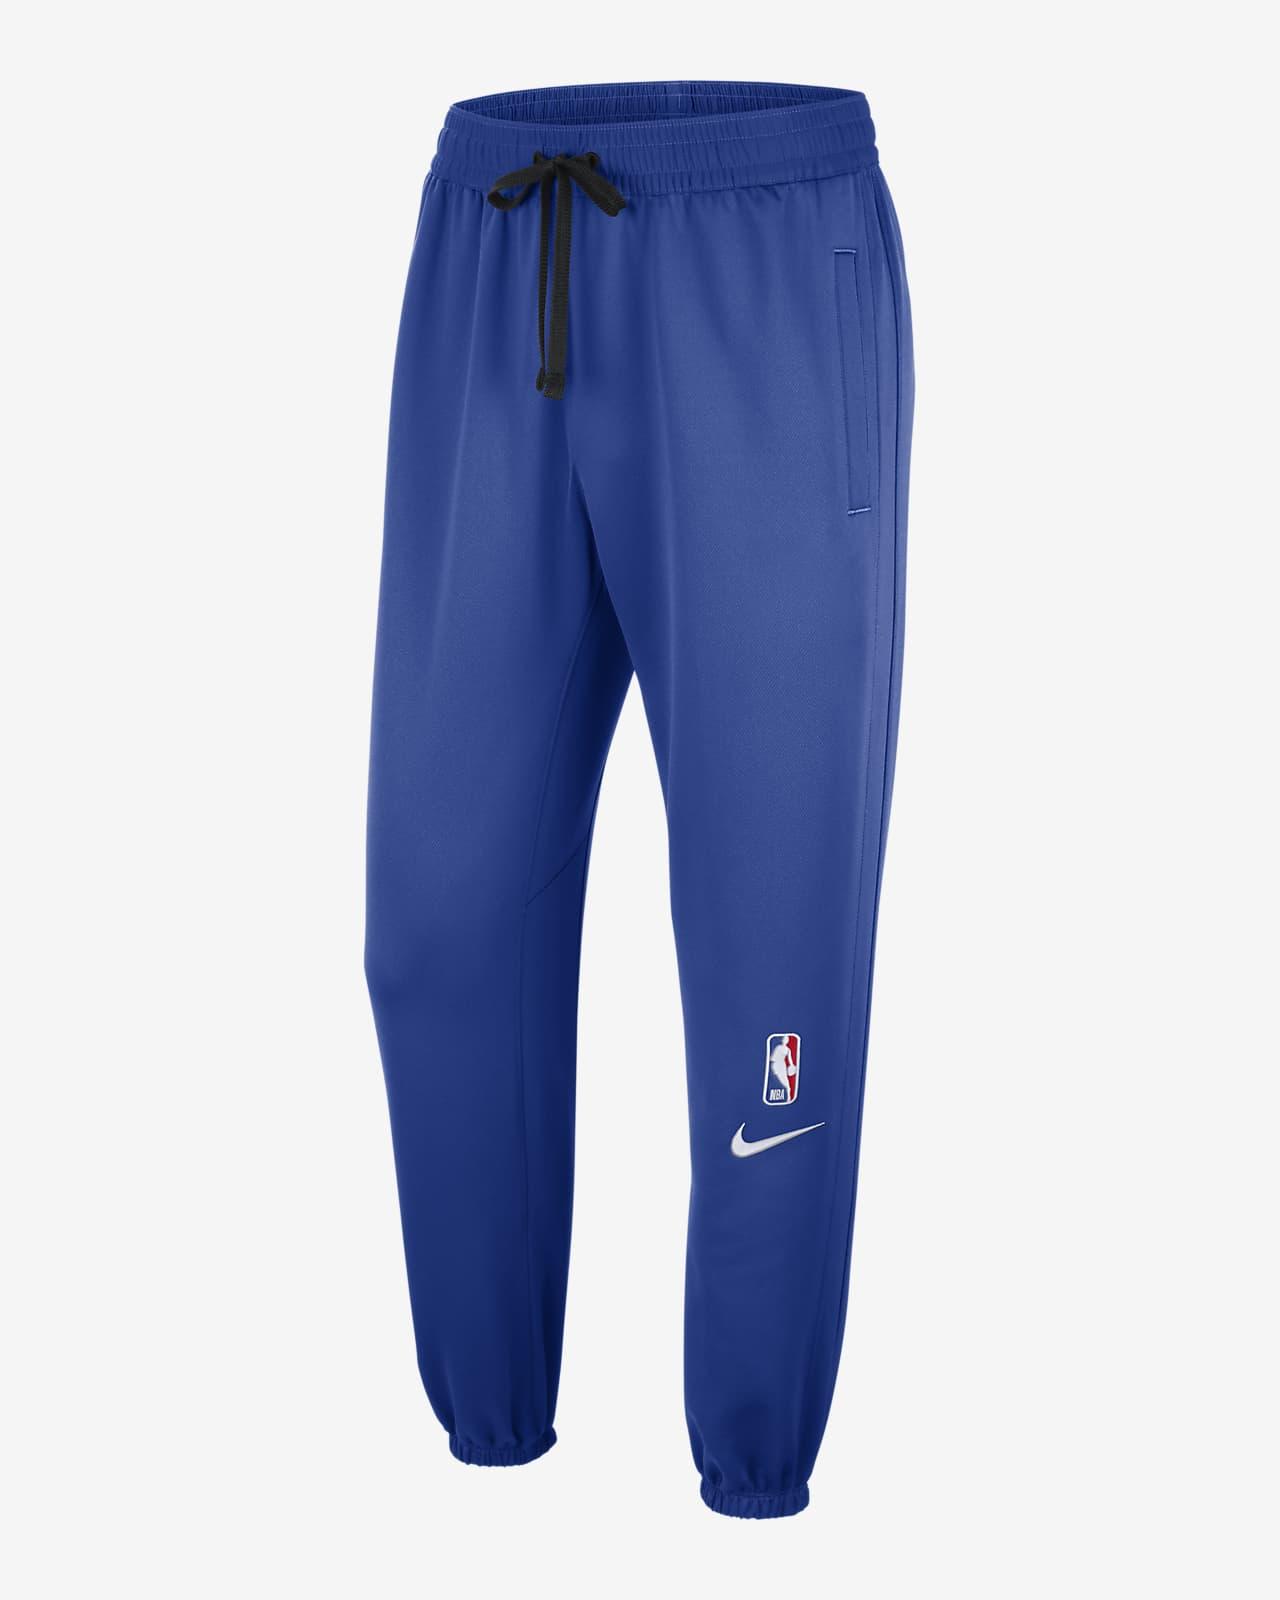 Pantalones de la NBA de Nike Therma Flex para hombre Golden State Warriors Showtime